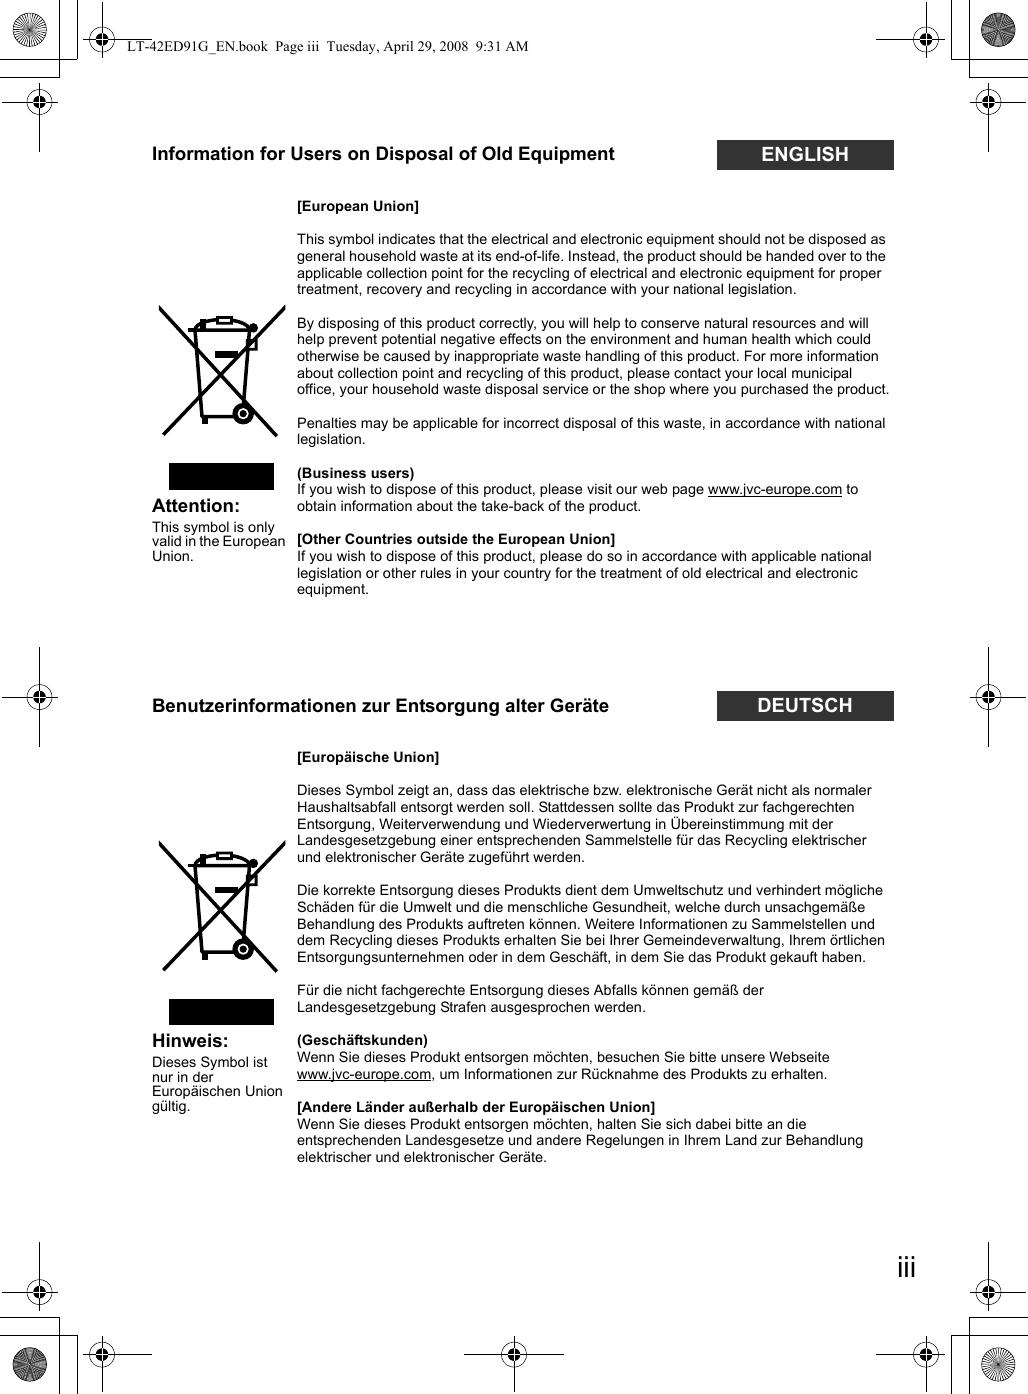 Wunderbar Elektronische Und Elektrische Symbole Galerie - Die Besten ...